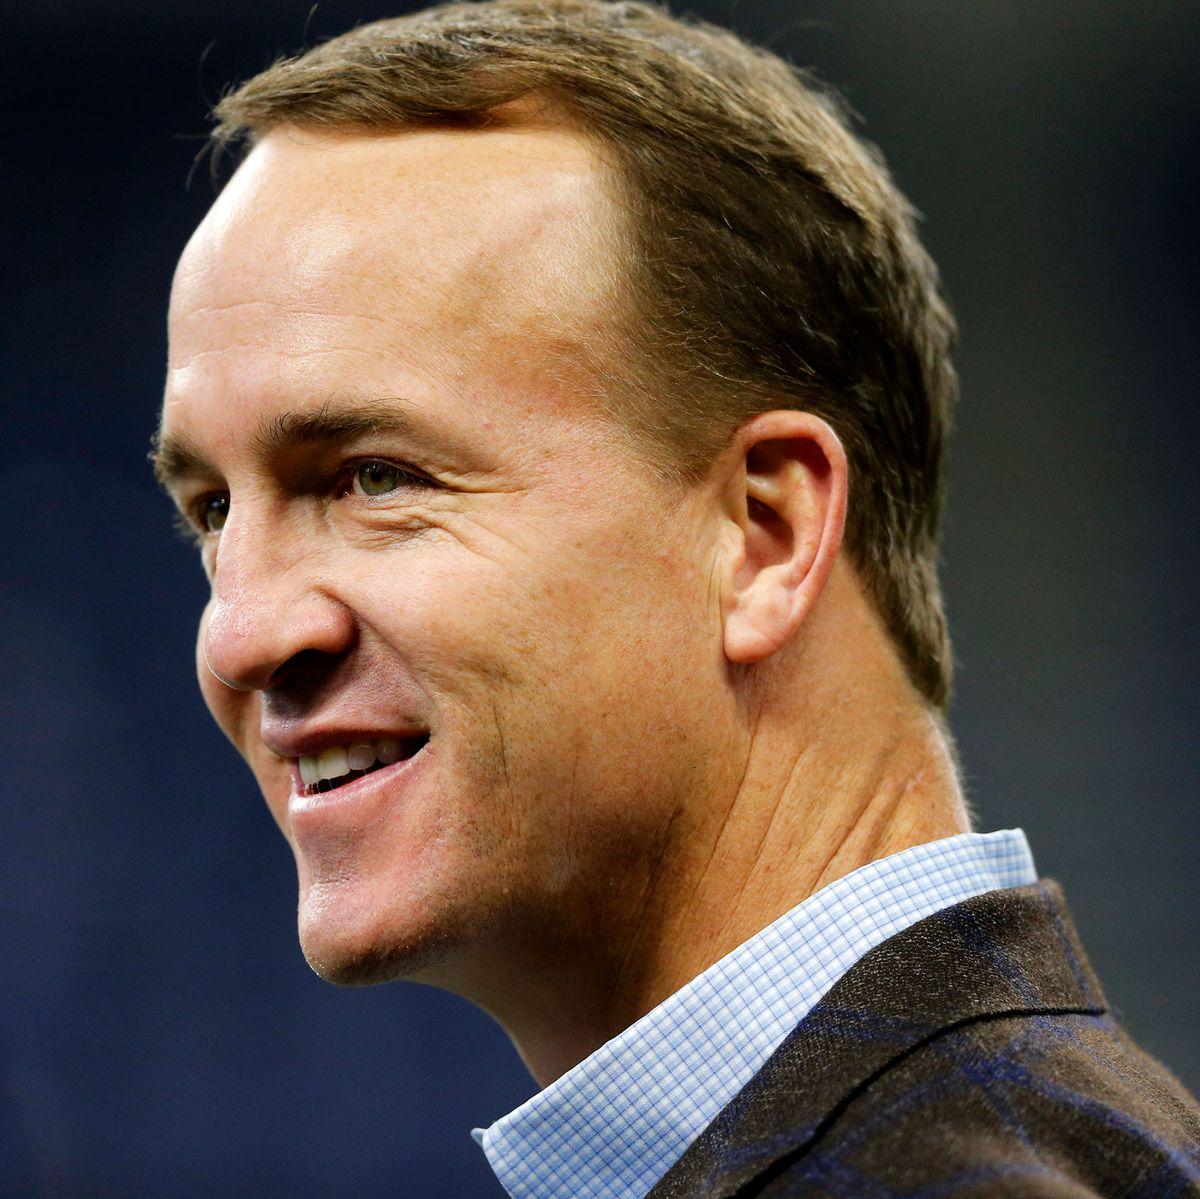 36+ Peyton Manning Pictures